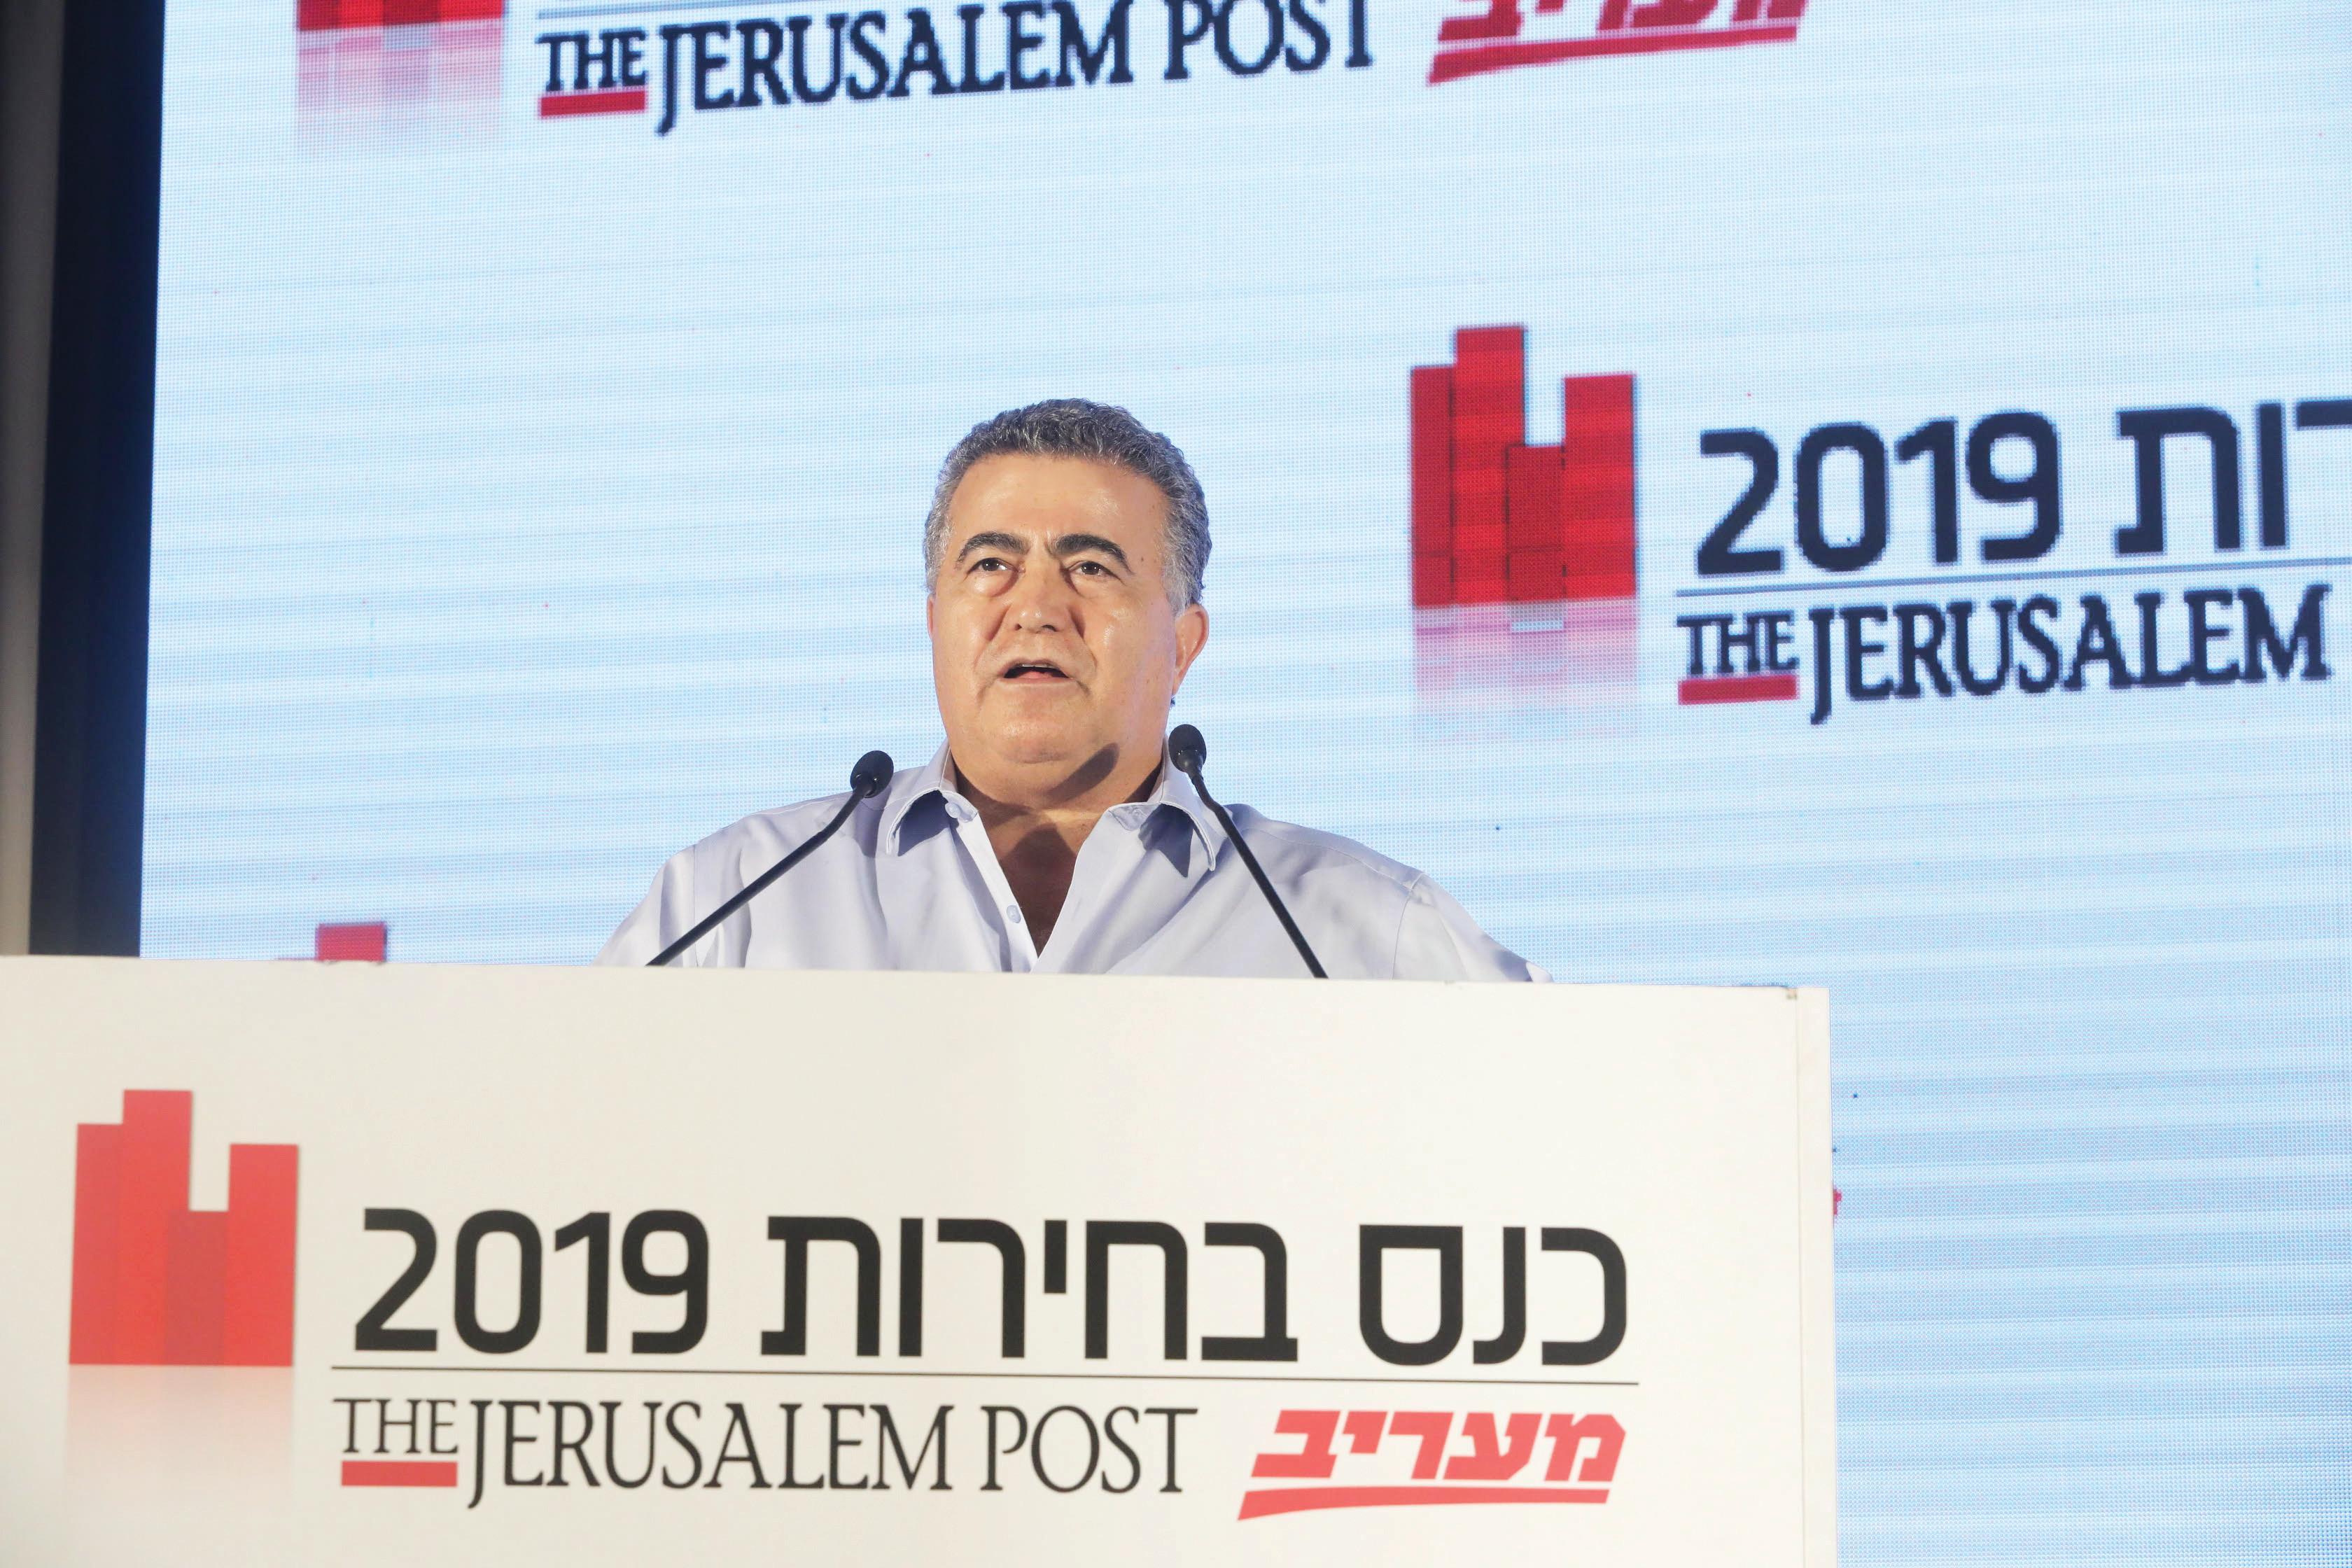 """ח""""כ עמיר פרץ, יו""""ר מפלגת העבודה-גשר. צילום: מרק ישראל סלם"""